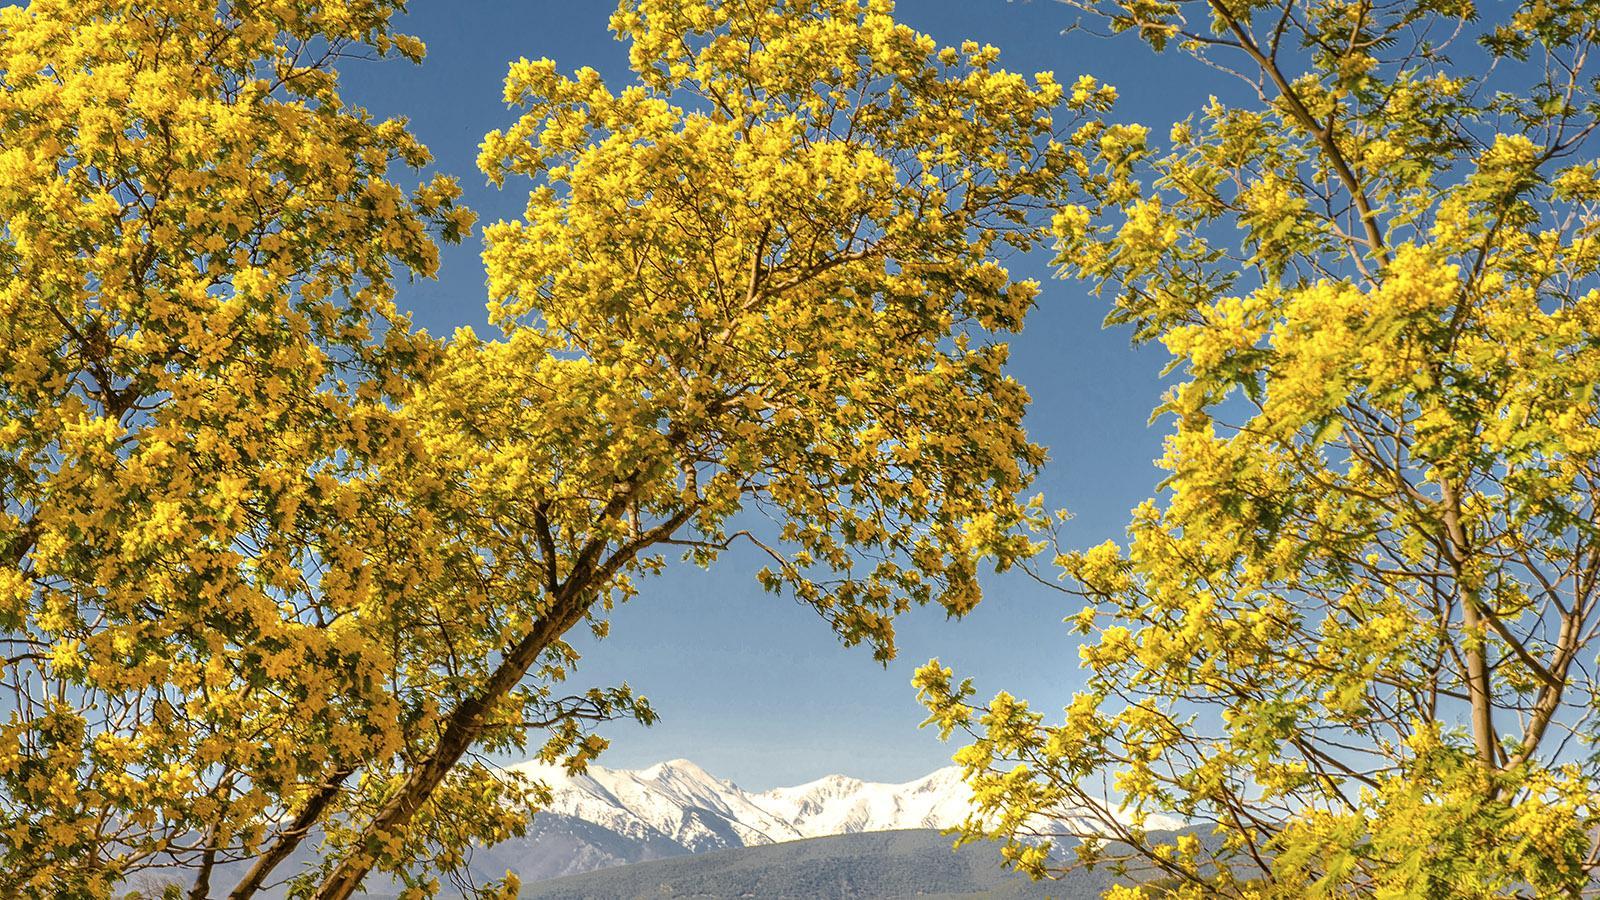 Frühling: Die Mimosen blühen vor der schneebedeckten Kappe des Canigou. Foto: Hilke Maunder